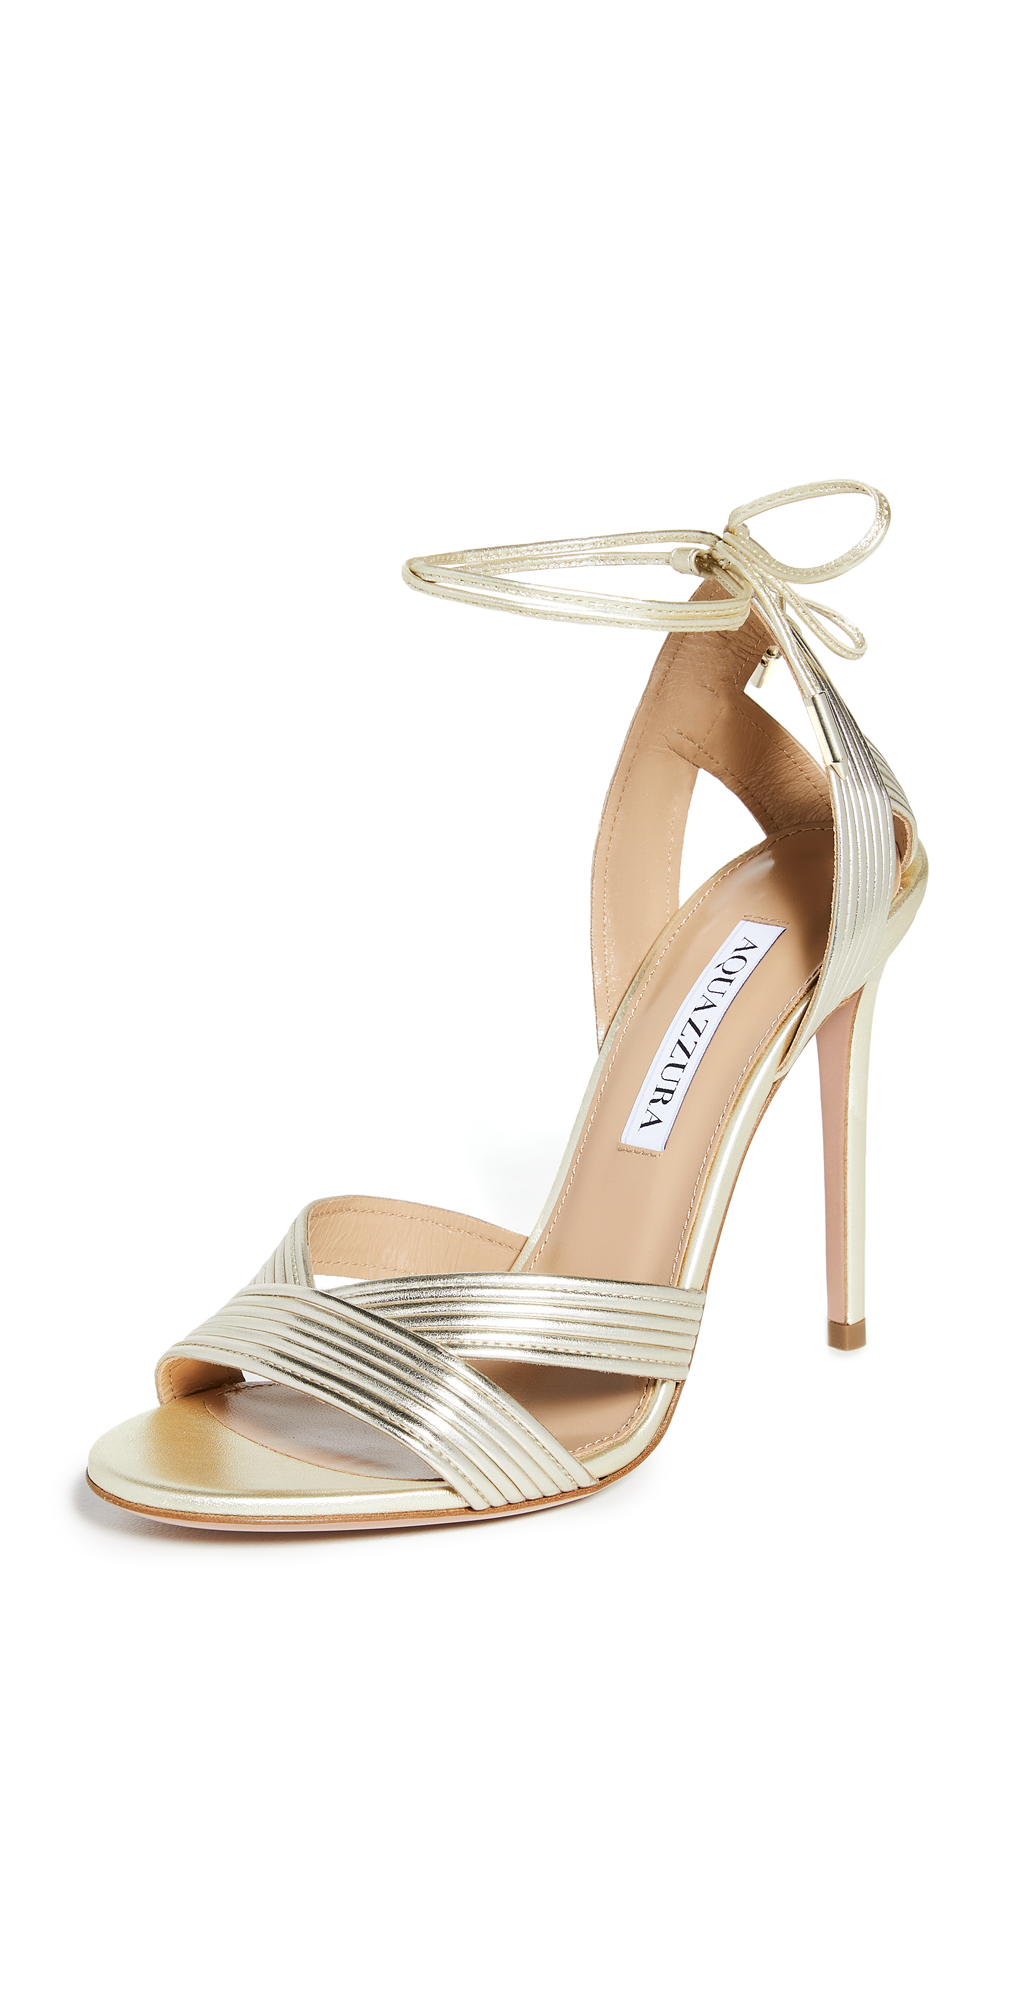 Aquazzura Ari Sandals 105mm